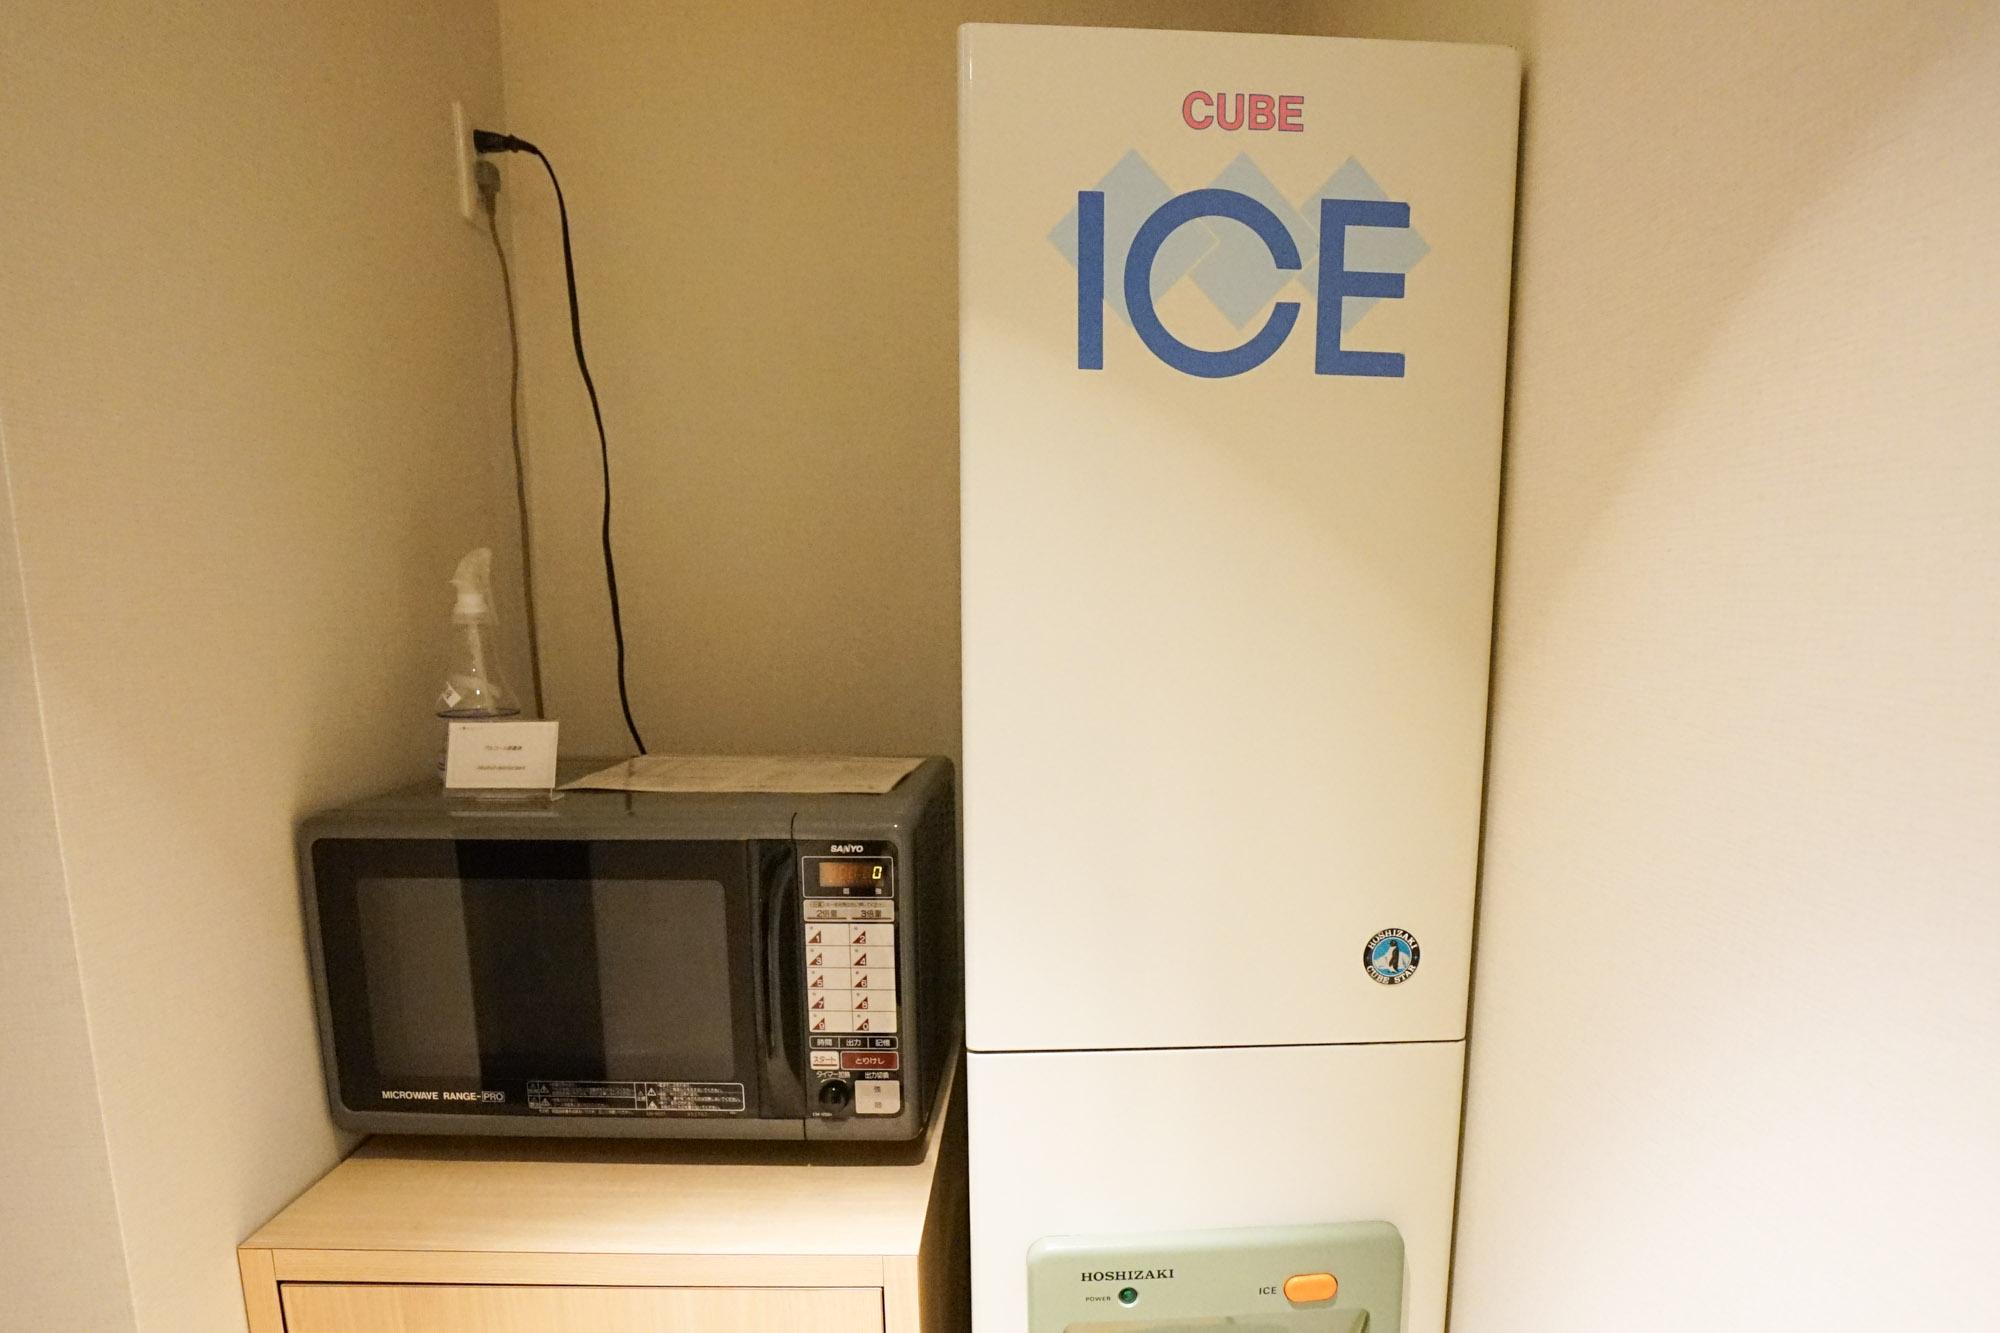 自販機コーナーには、製氷機だけでなく電子レンジも設置されていました。電子レンジがあるのはとても助かるんですよね。